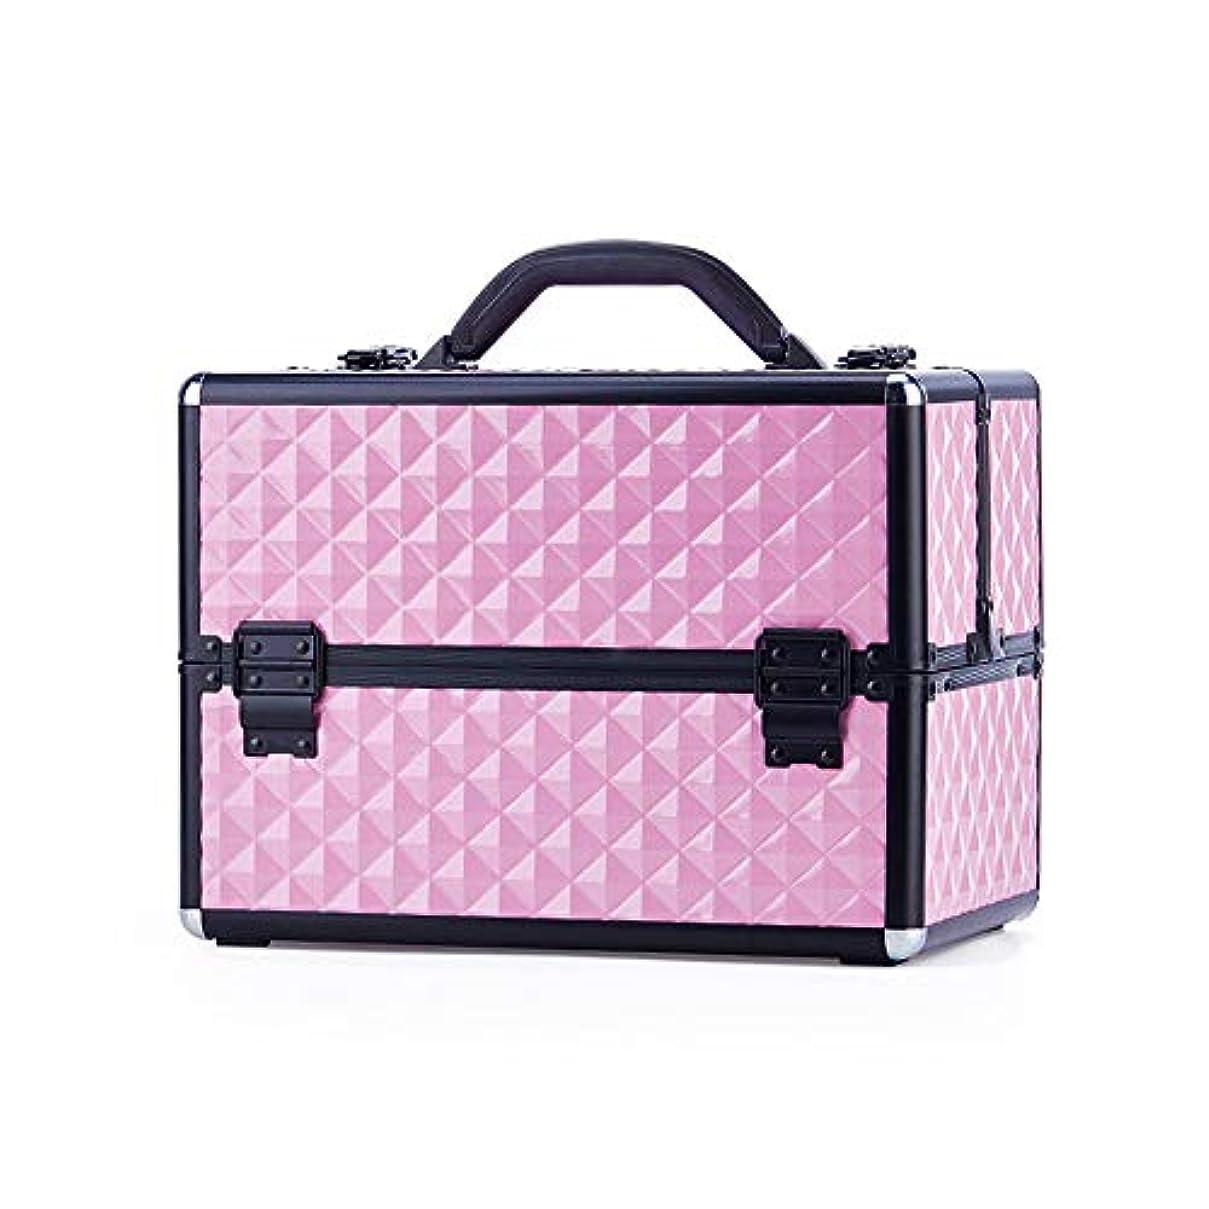 測定可能ニコチン作物特大スペース収納ビューティーボックス 美の構造のためそしてジッパーおよび折る皿が付いている女の子の女性旅行そして毎日の貯蔵のための高容量の携帯用化粧品袋 化粧品化粧台 (色 : ピンク)